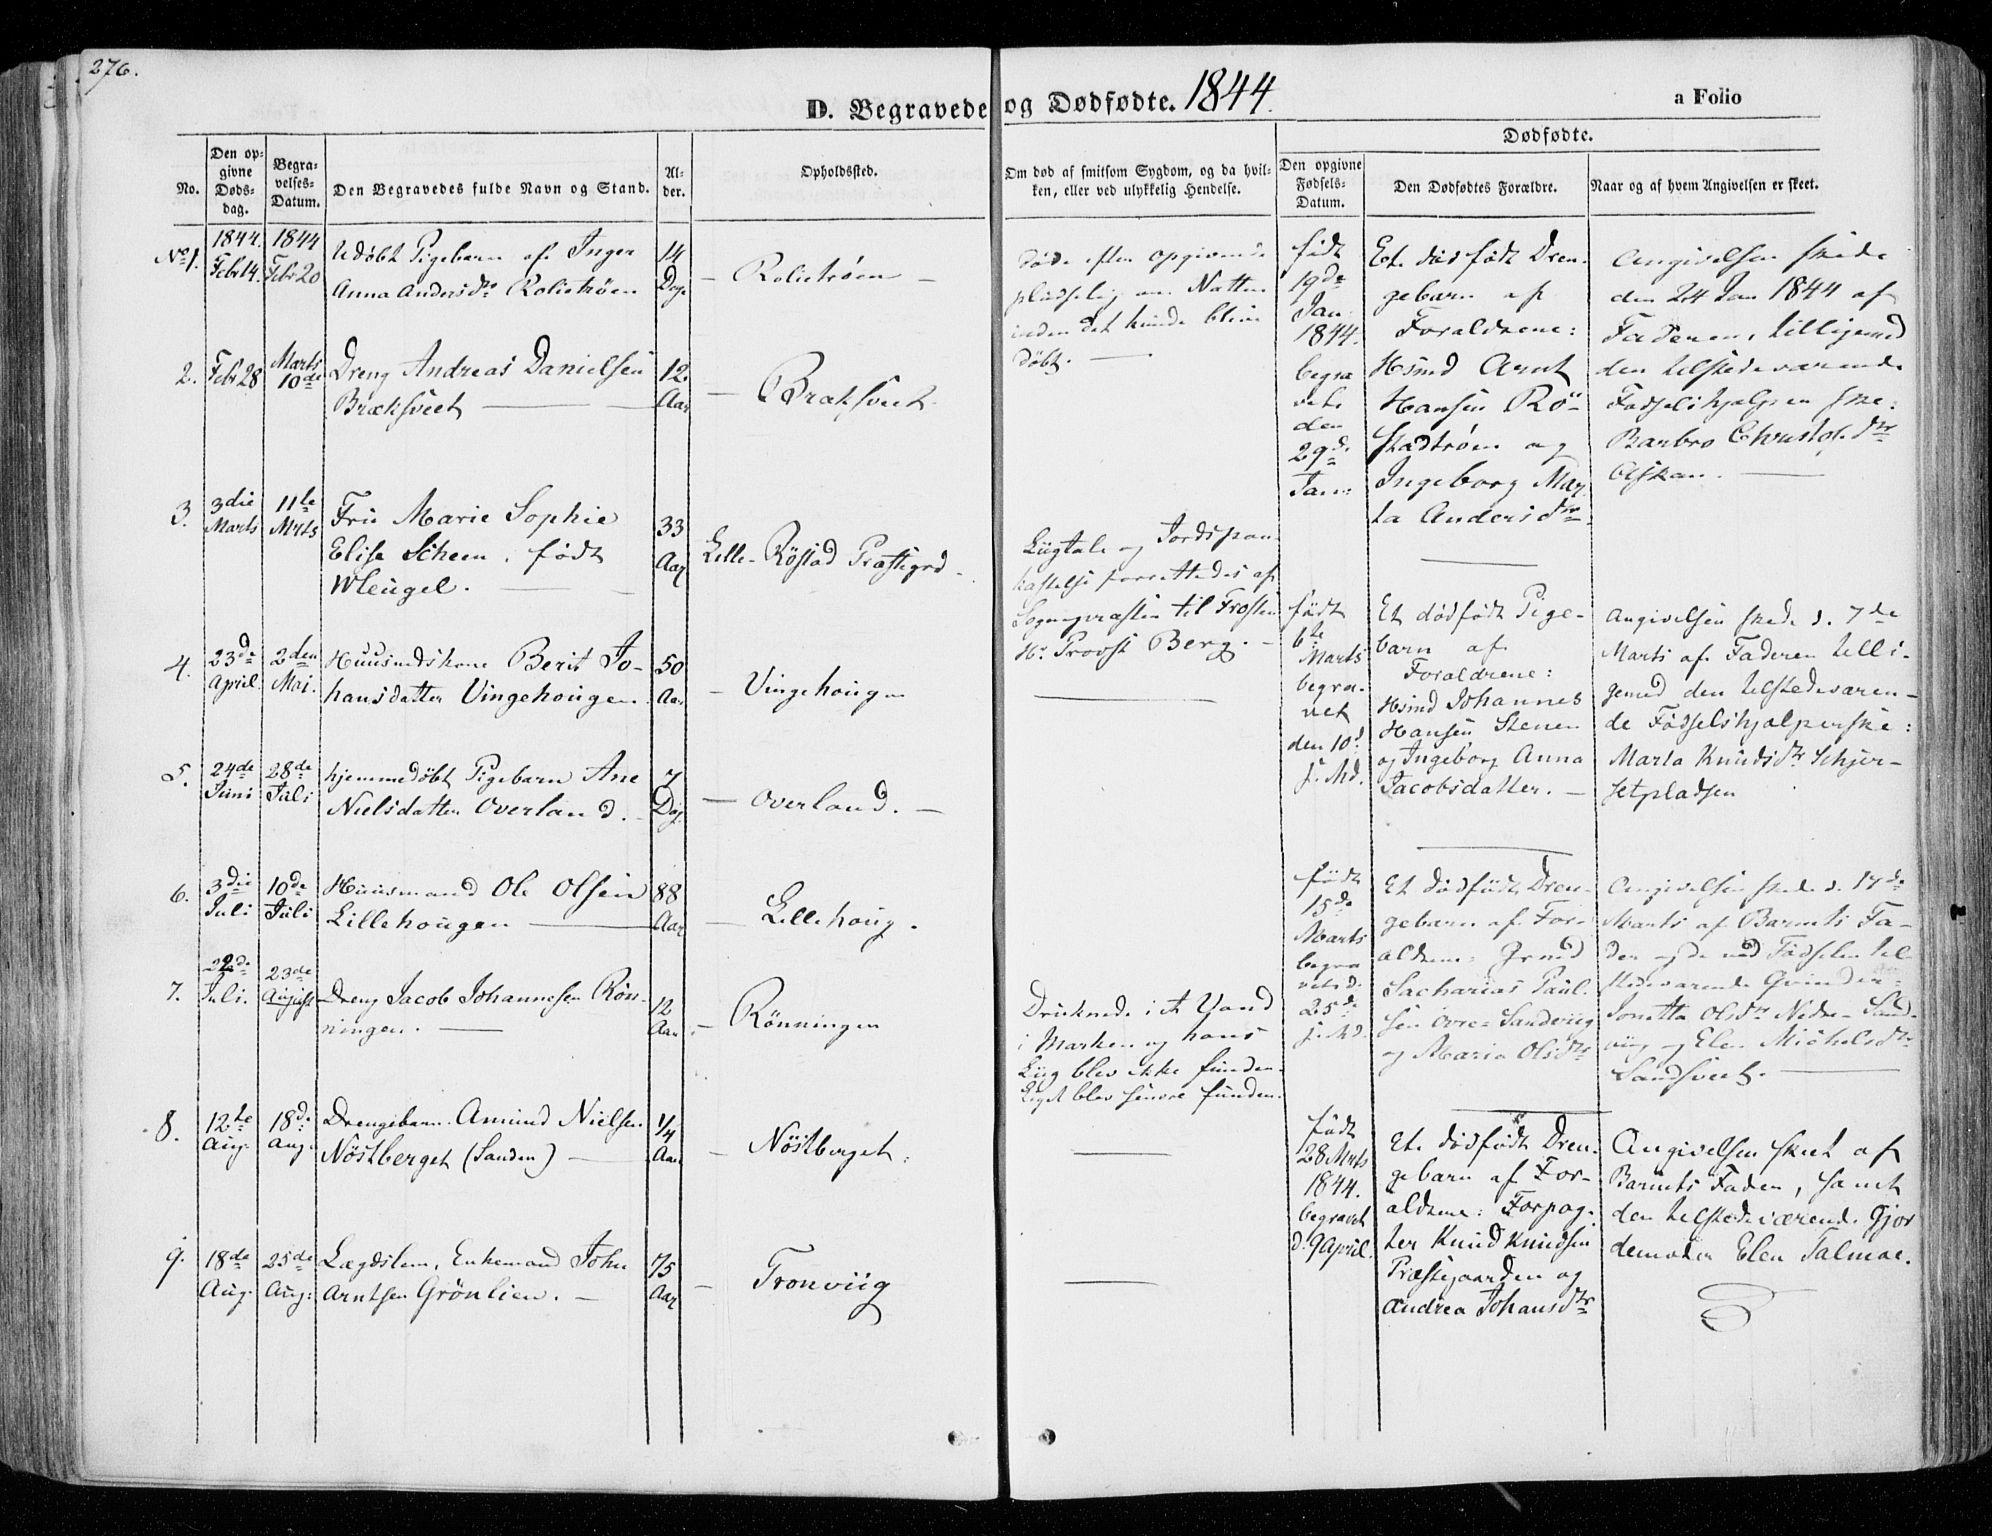 SAT, Ministerialprotokoller, klokkerbøker og fødselsregistre - Nord-Trøndelag, 701/L0007: Ministerialbok nr. 701A07 /1, 1842-1854, s. 276